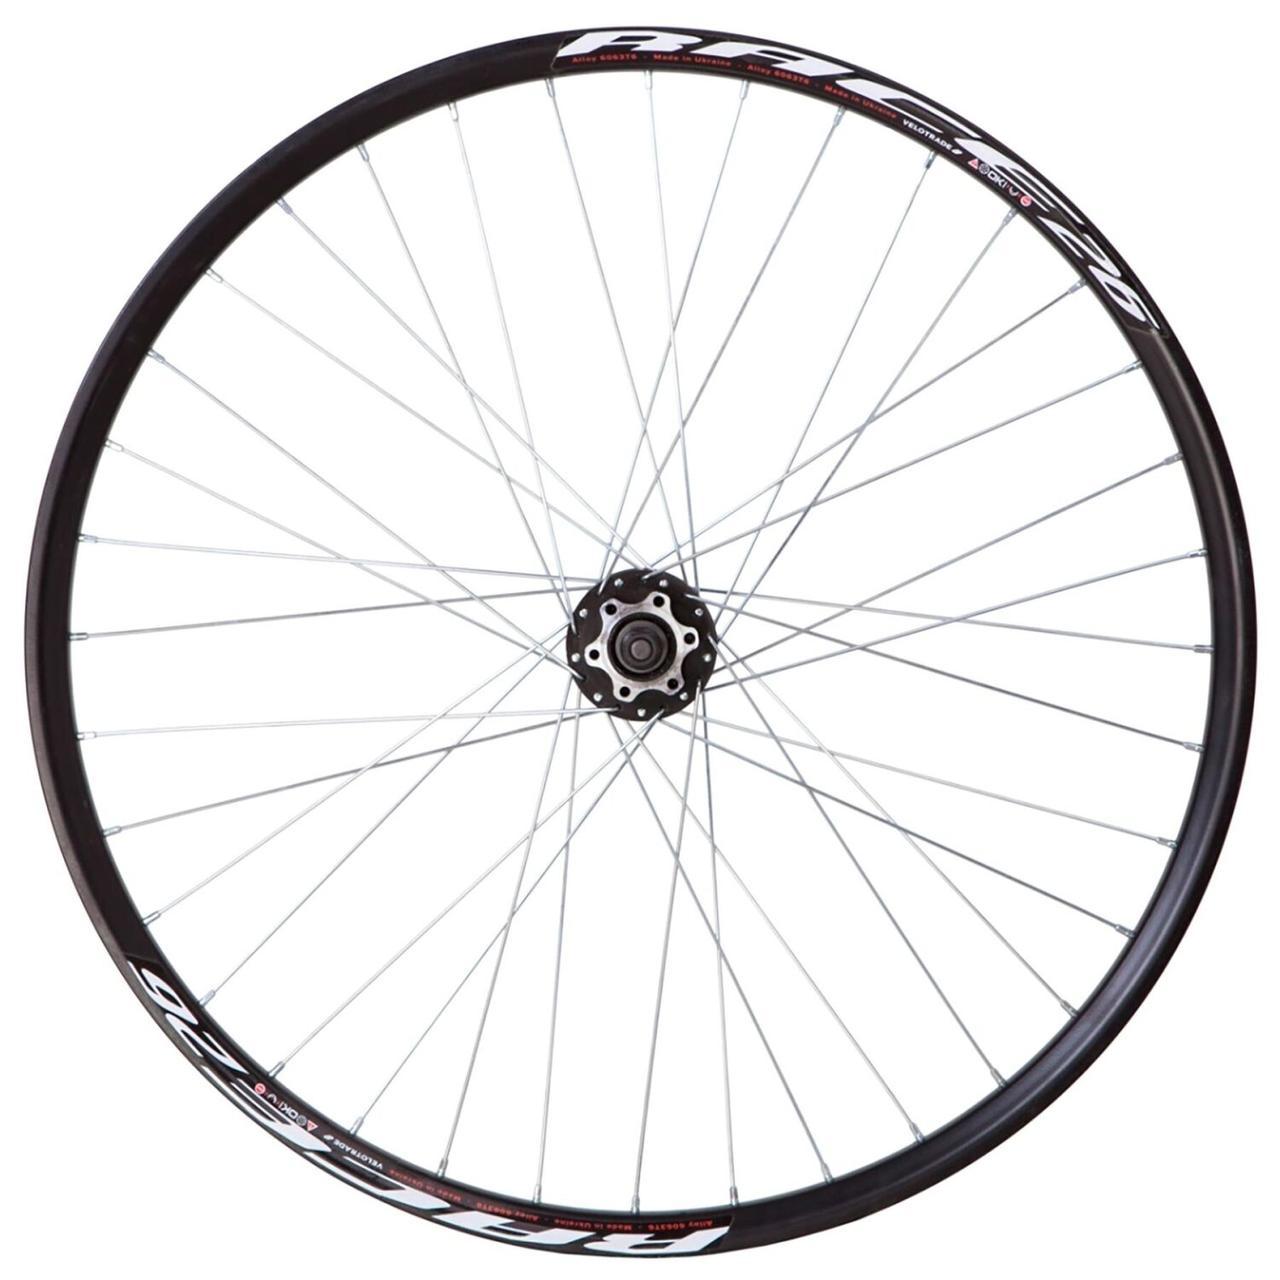 """Колесо велосипеда 29"""" переднее под диск. обод двуст. AL 36H; Втулка ST SHUNFENG SF-H25F на гайках черн."""